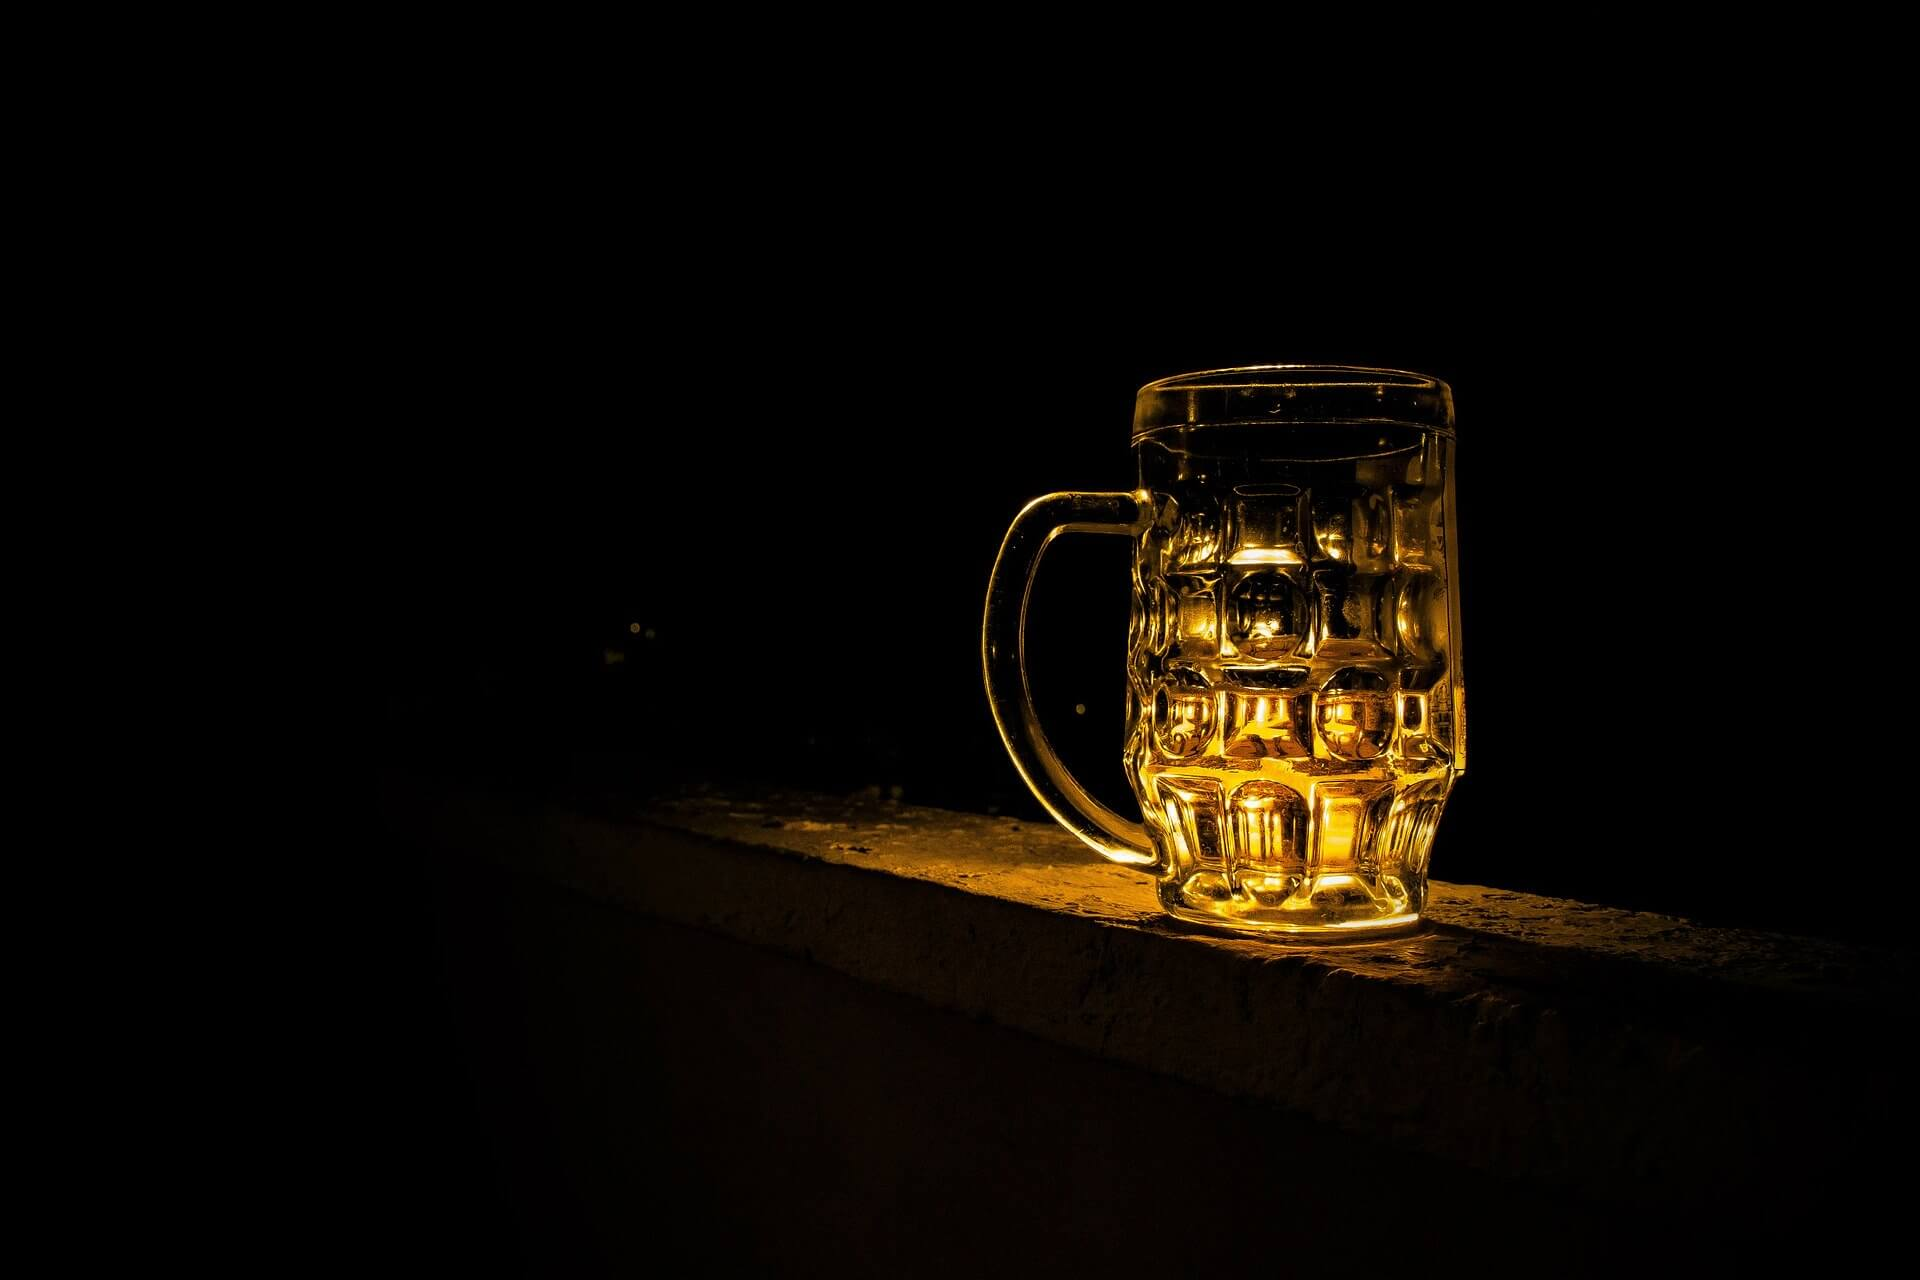 jean_louis_dourcy_bière_malterie